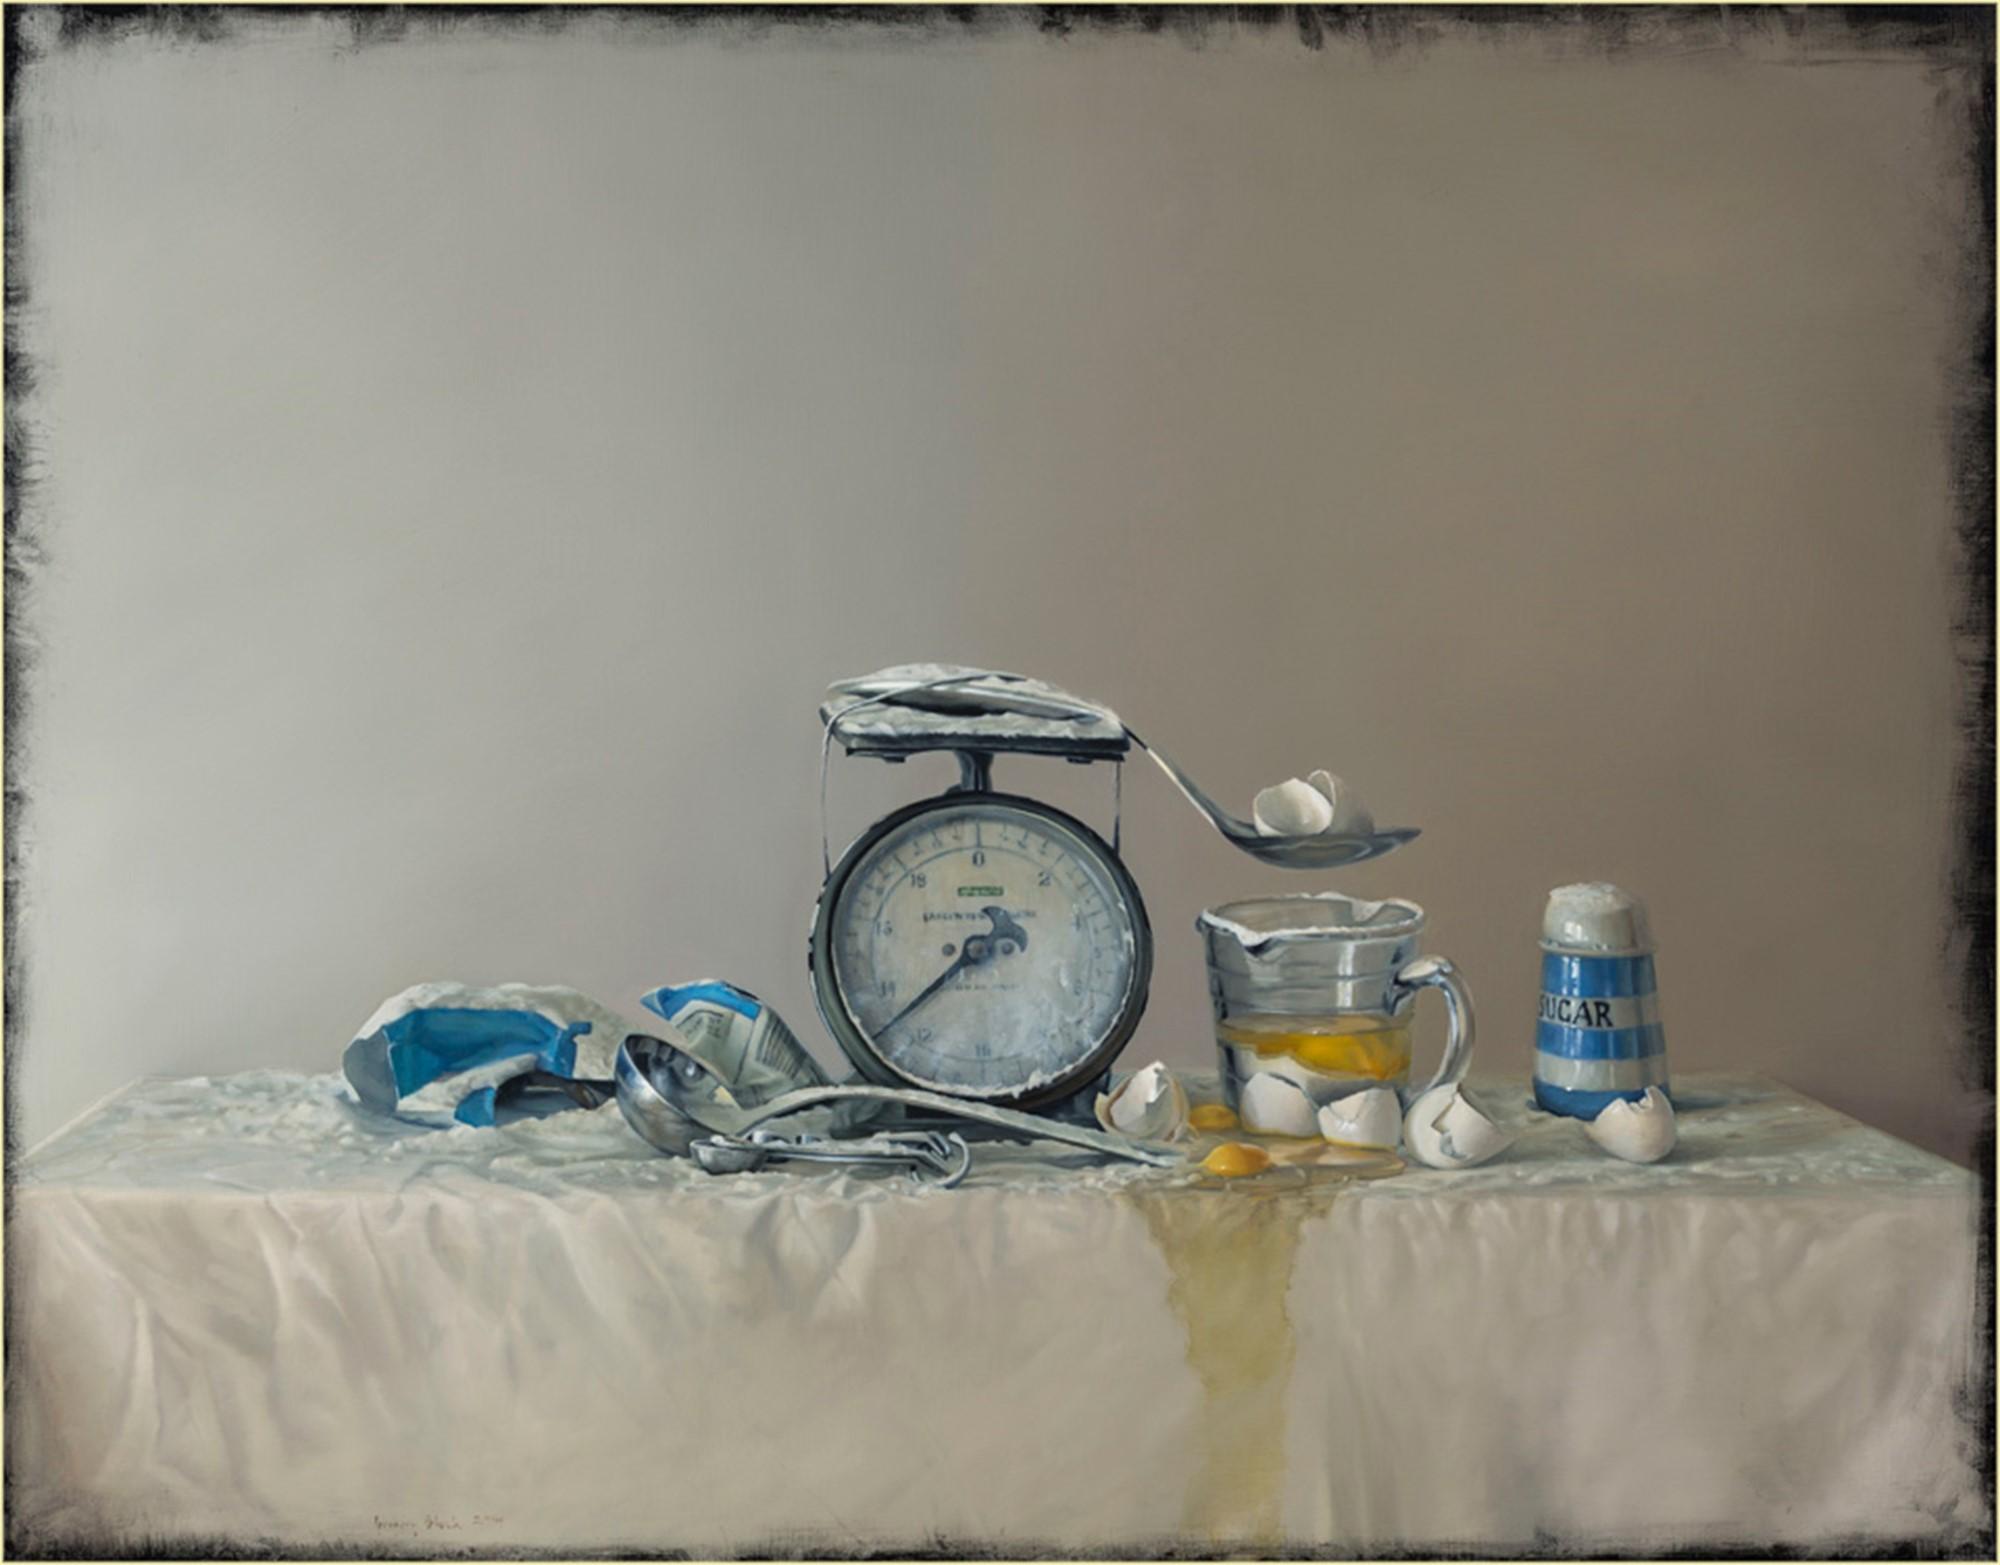 Baker's Dozen by Gregory Block